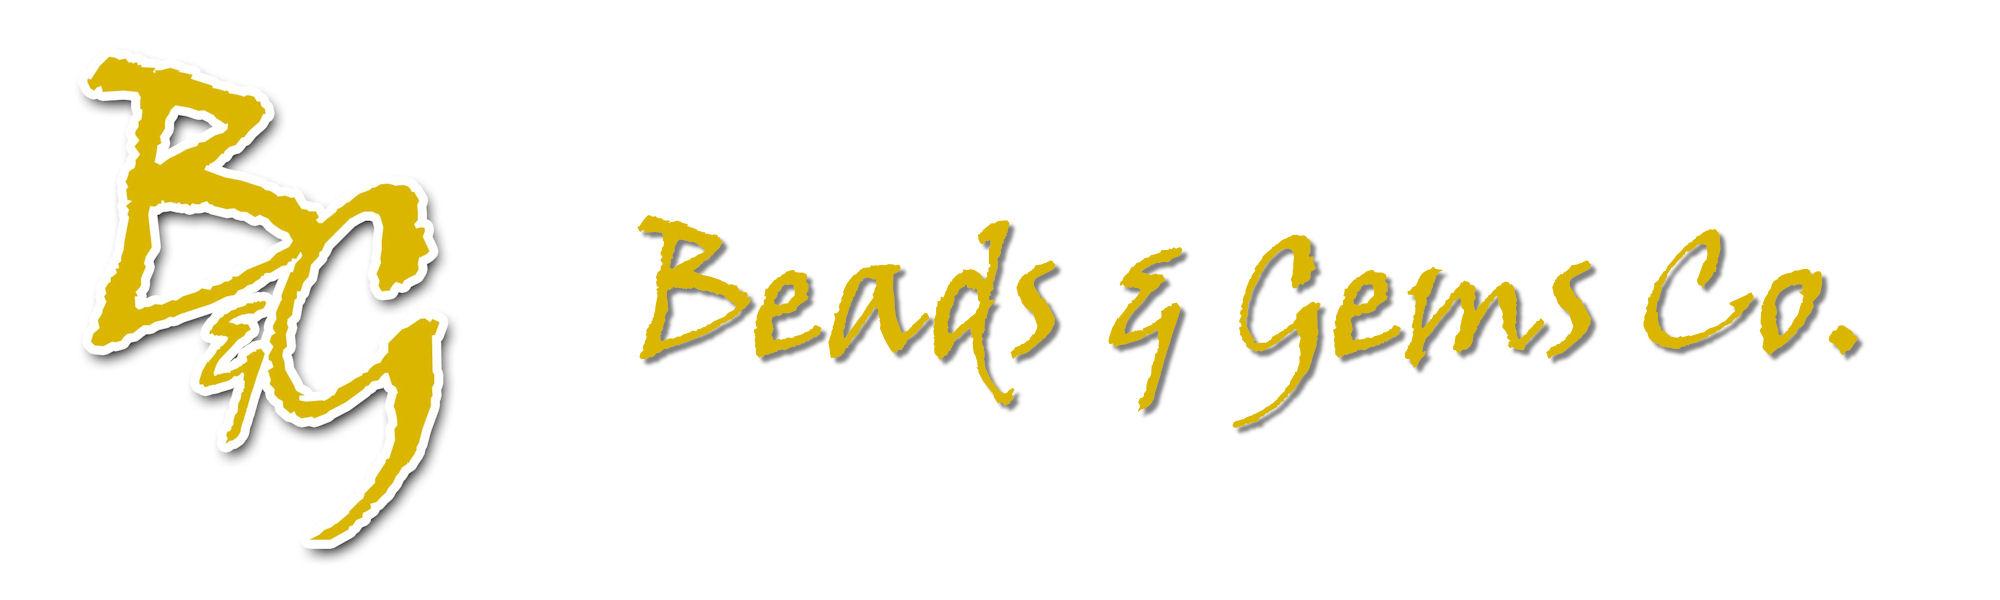 cdf74075f9ab Beads   Gems Co. – La cadena de bisuteria mas grande de Mexico